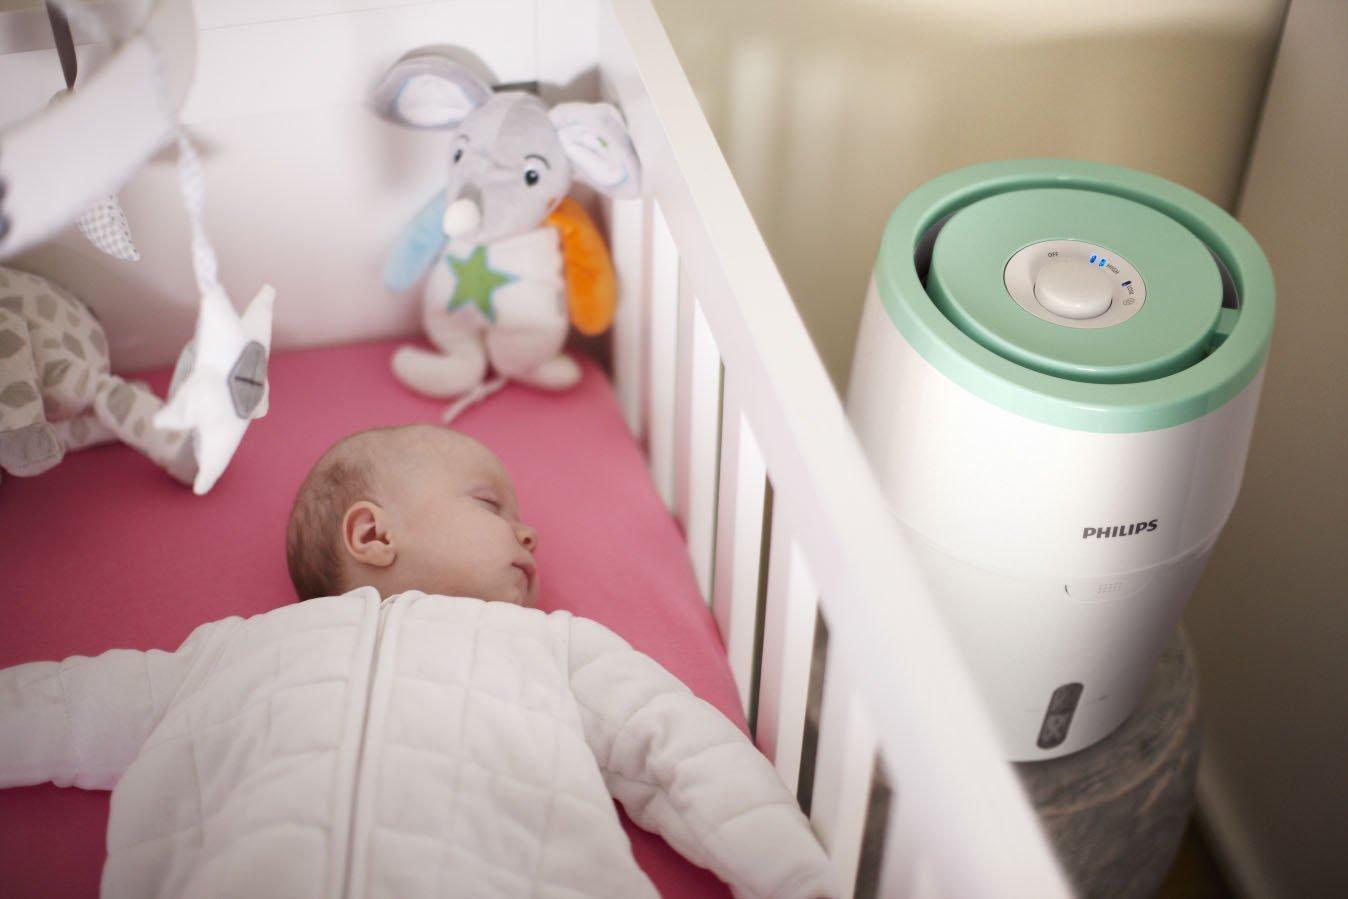 Baby und Philips Luftbefeuchter